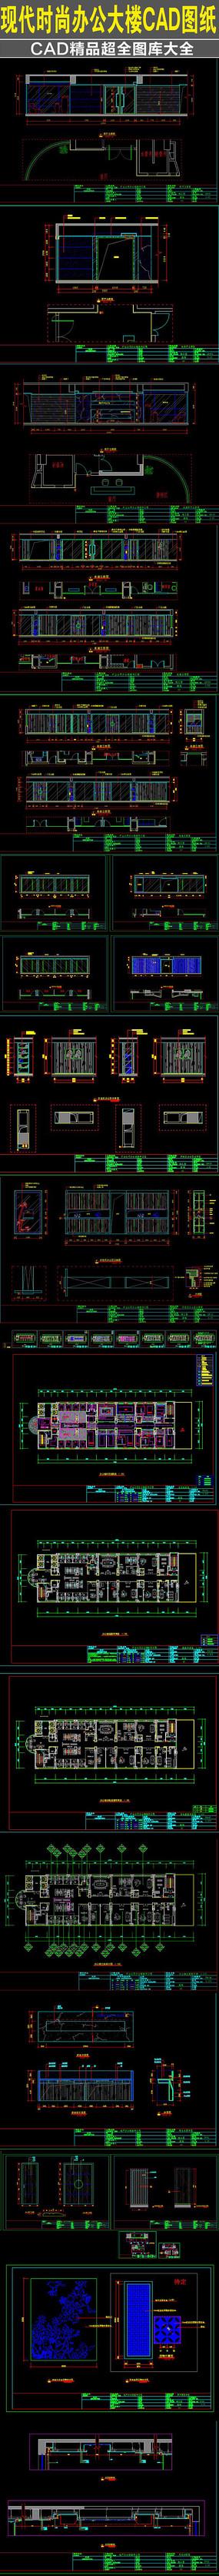 办公楼现代风格CAD施工图